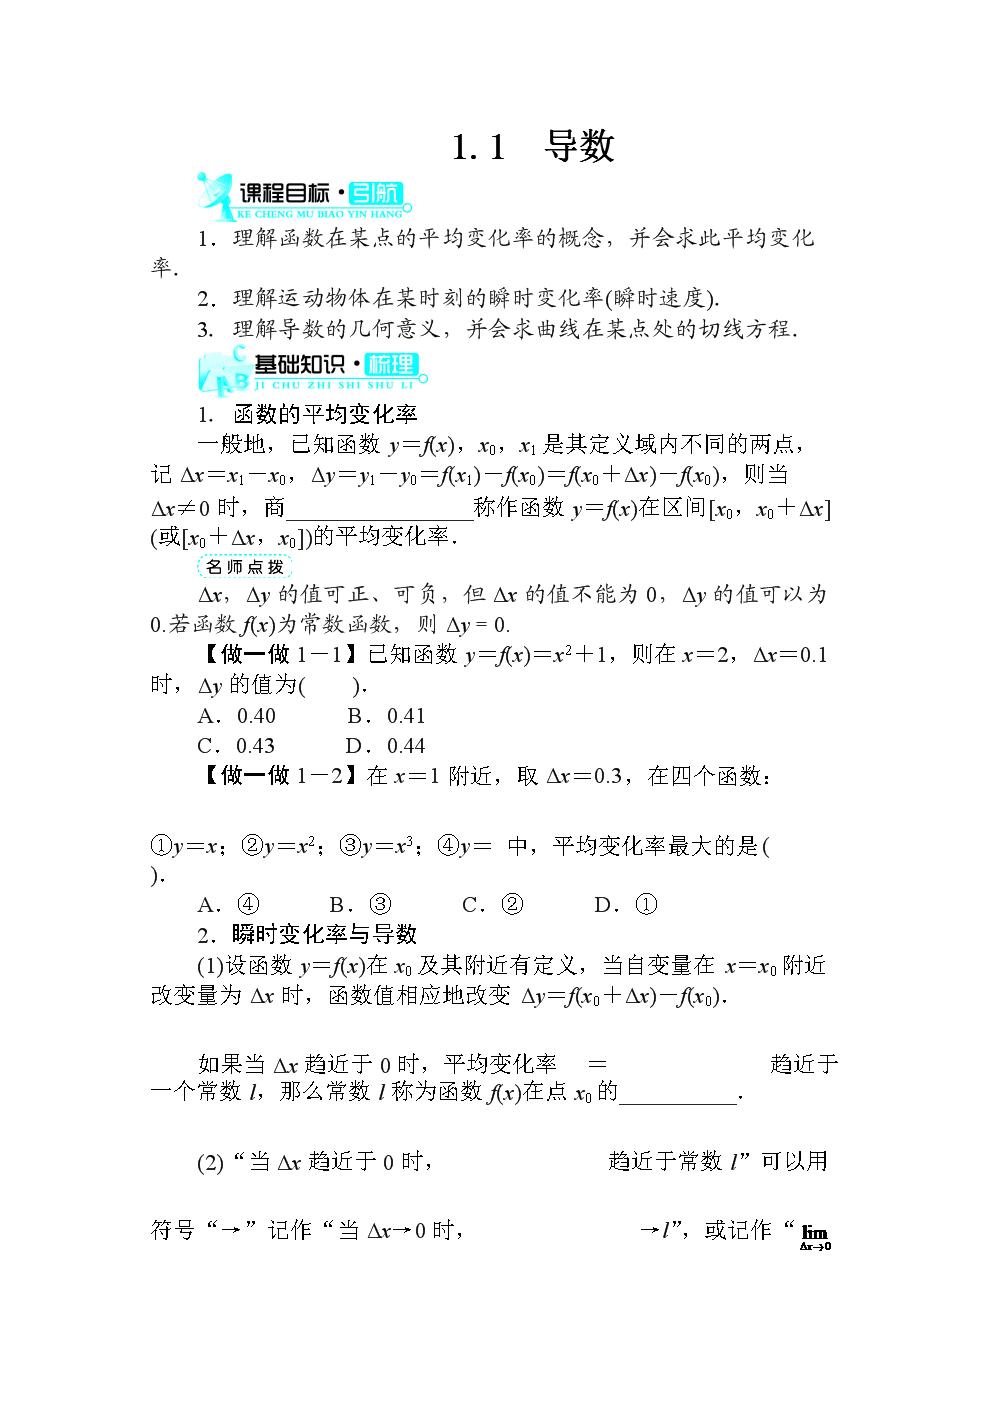 高中数学选修2-2第二章导数知识点整理以及每节对应课后习题非常全面.docx